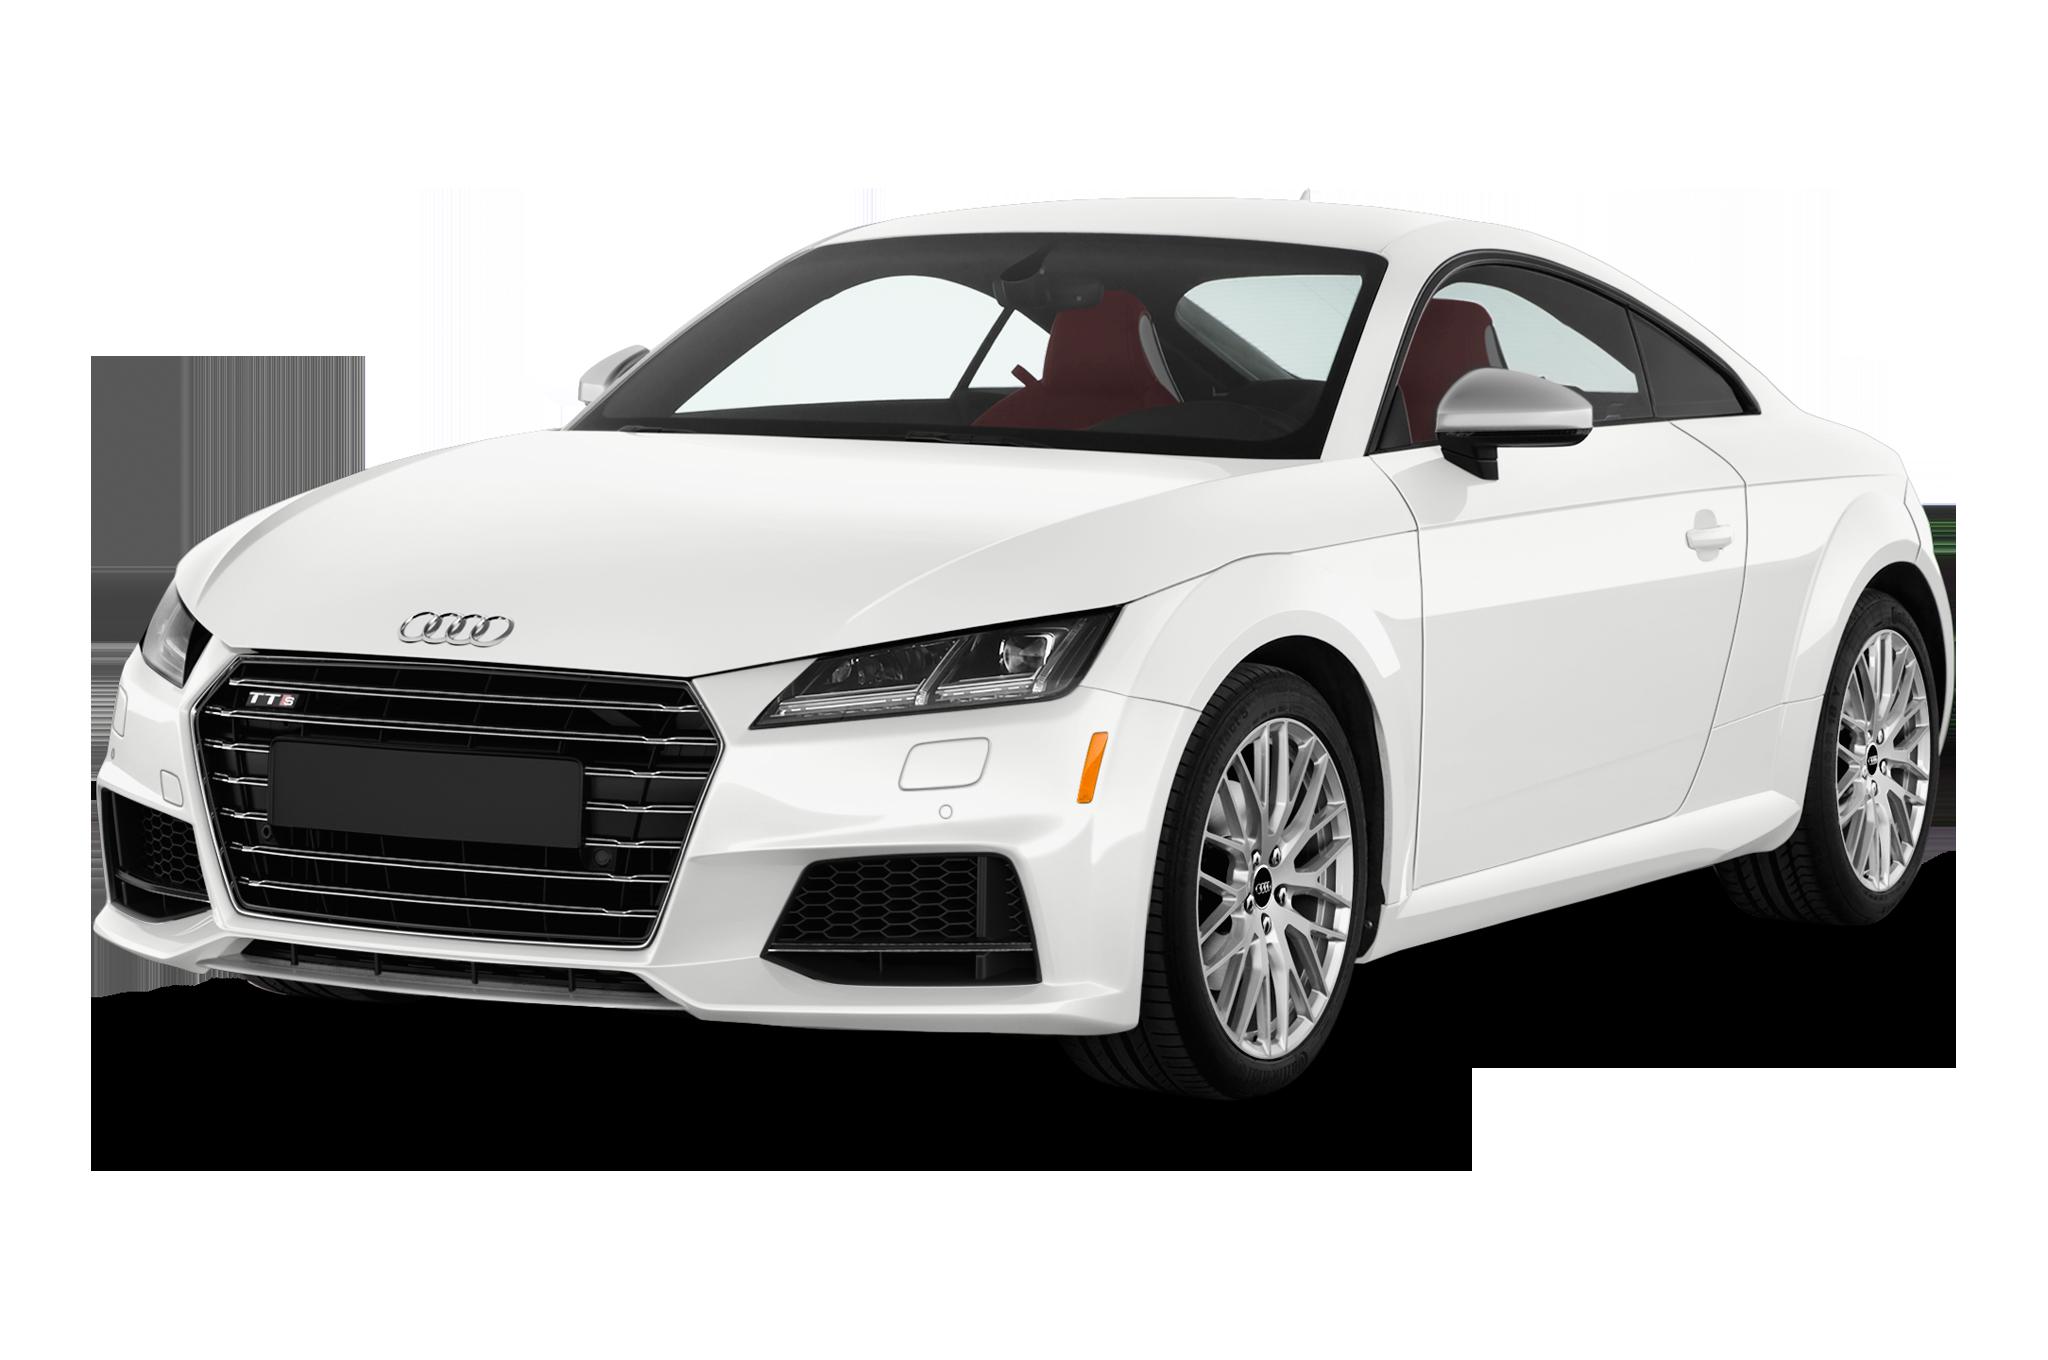 2018 Audi TT